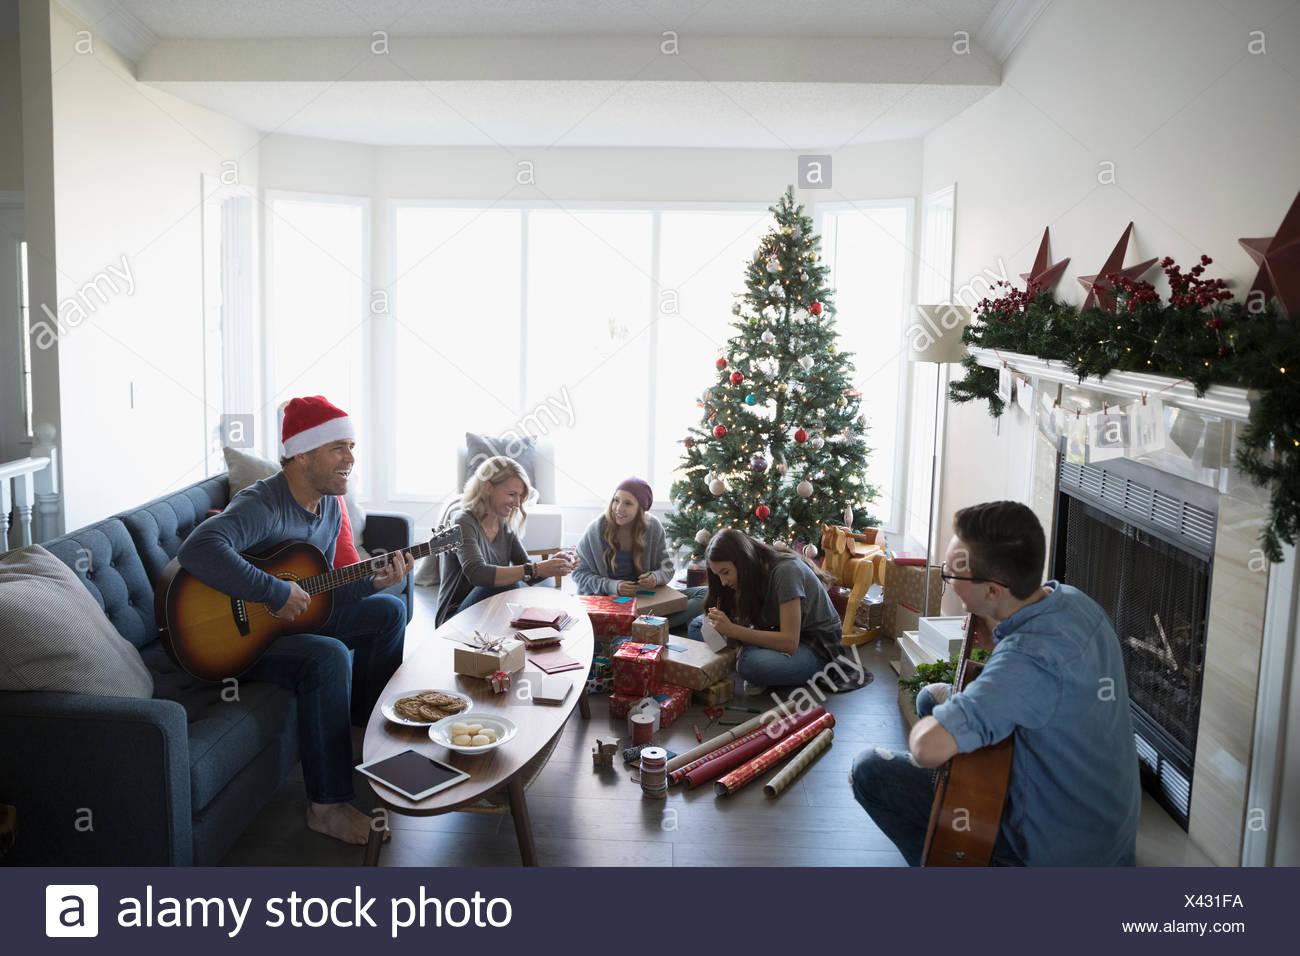 Familie spielen Gitarren und Verpackung Weihnachtsgeschenke in ...